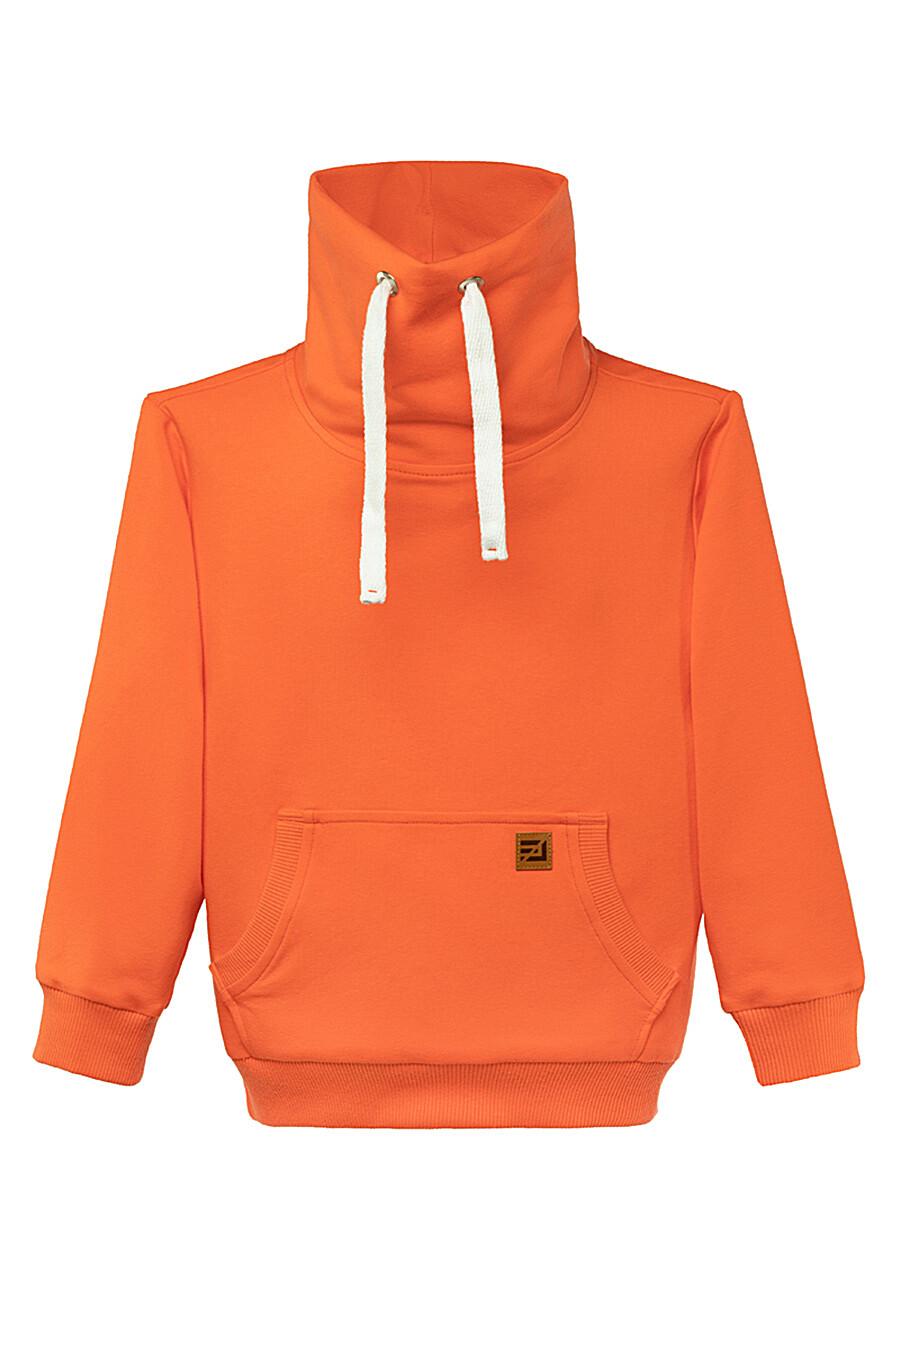 Худи для девочек EZANNA 699951 купить оптом от производителя. Совместная покупка детской одежды в OptMoyo